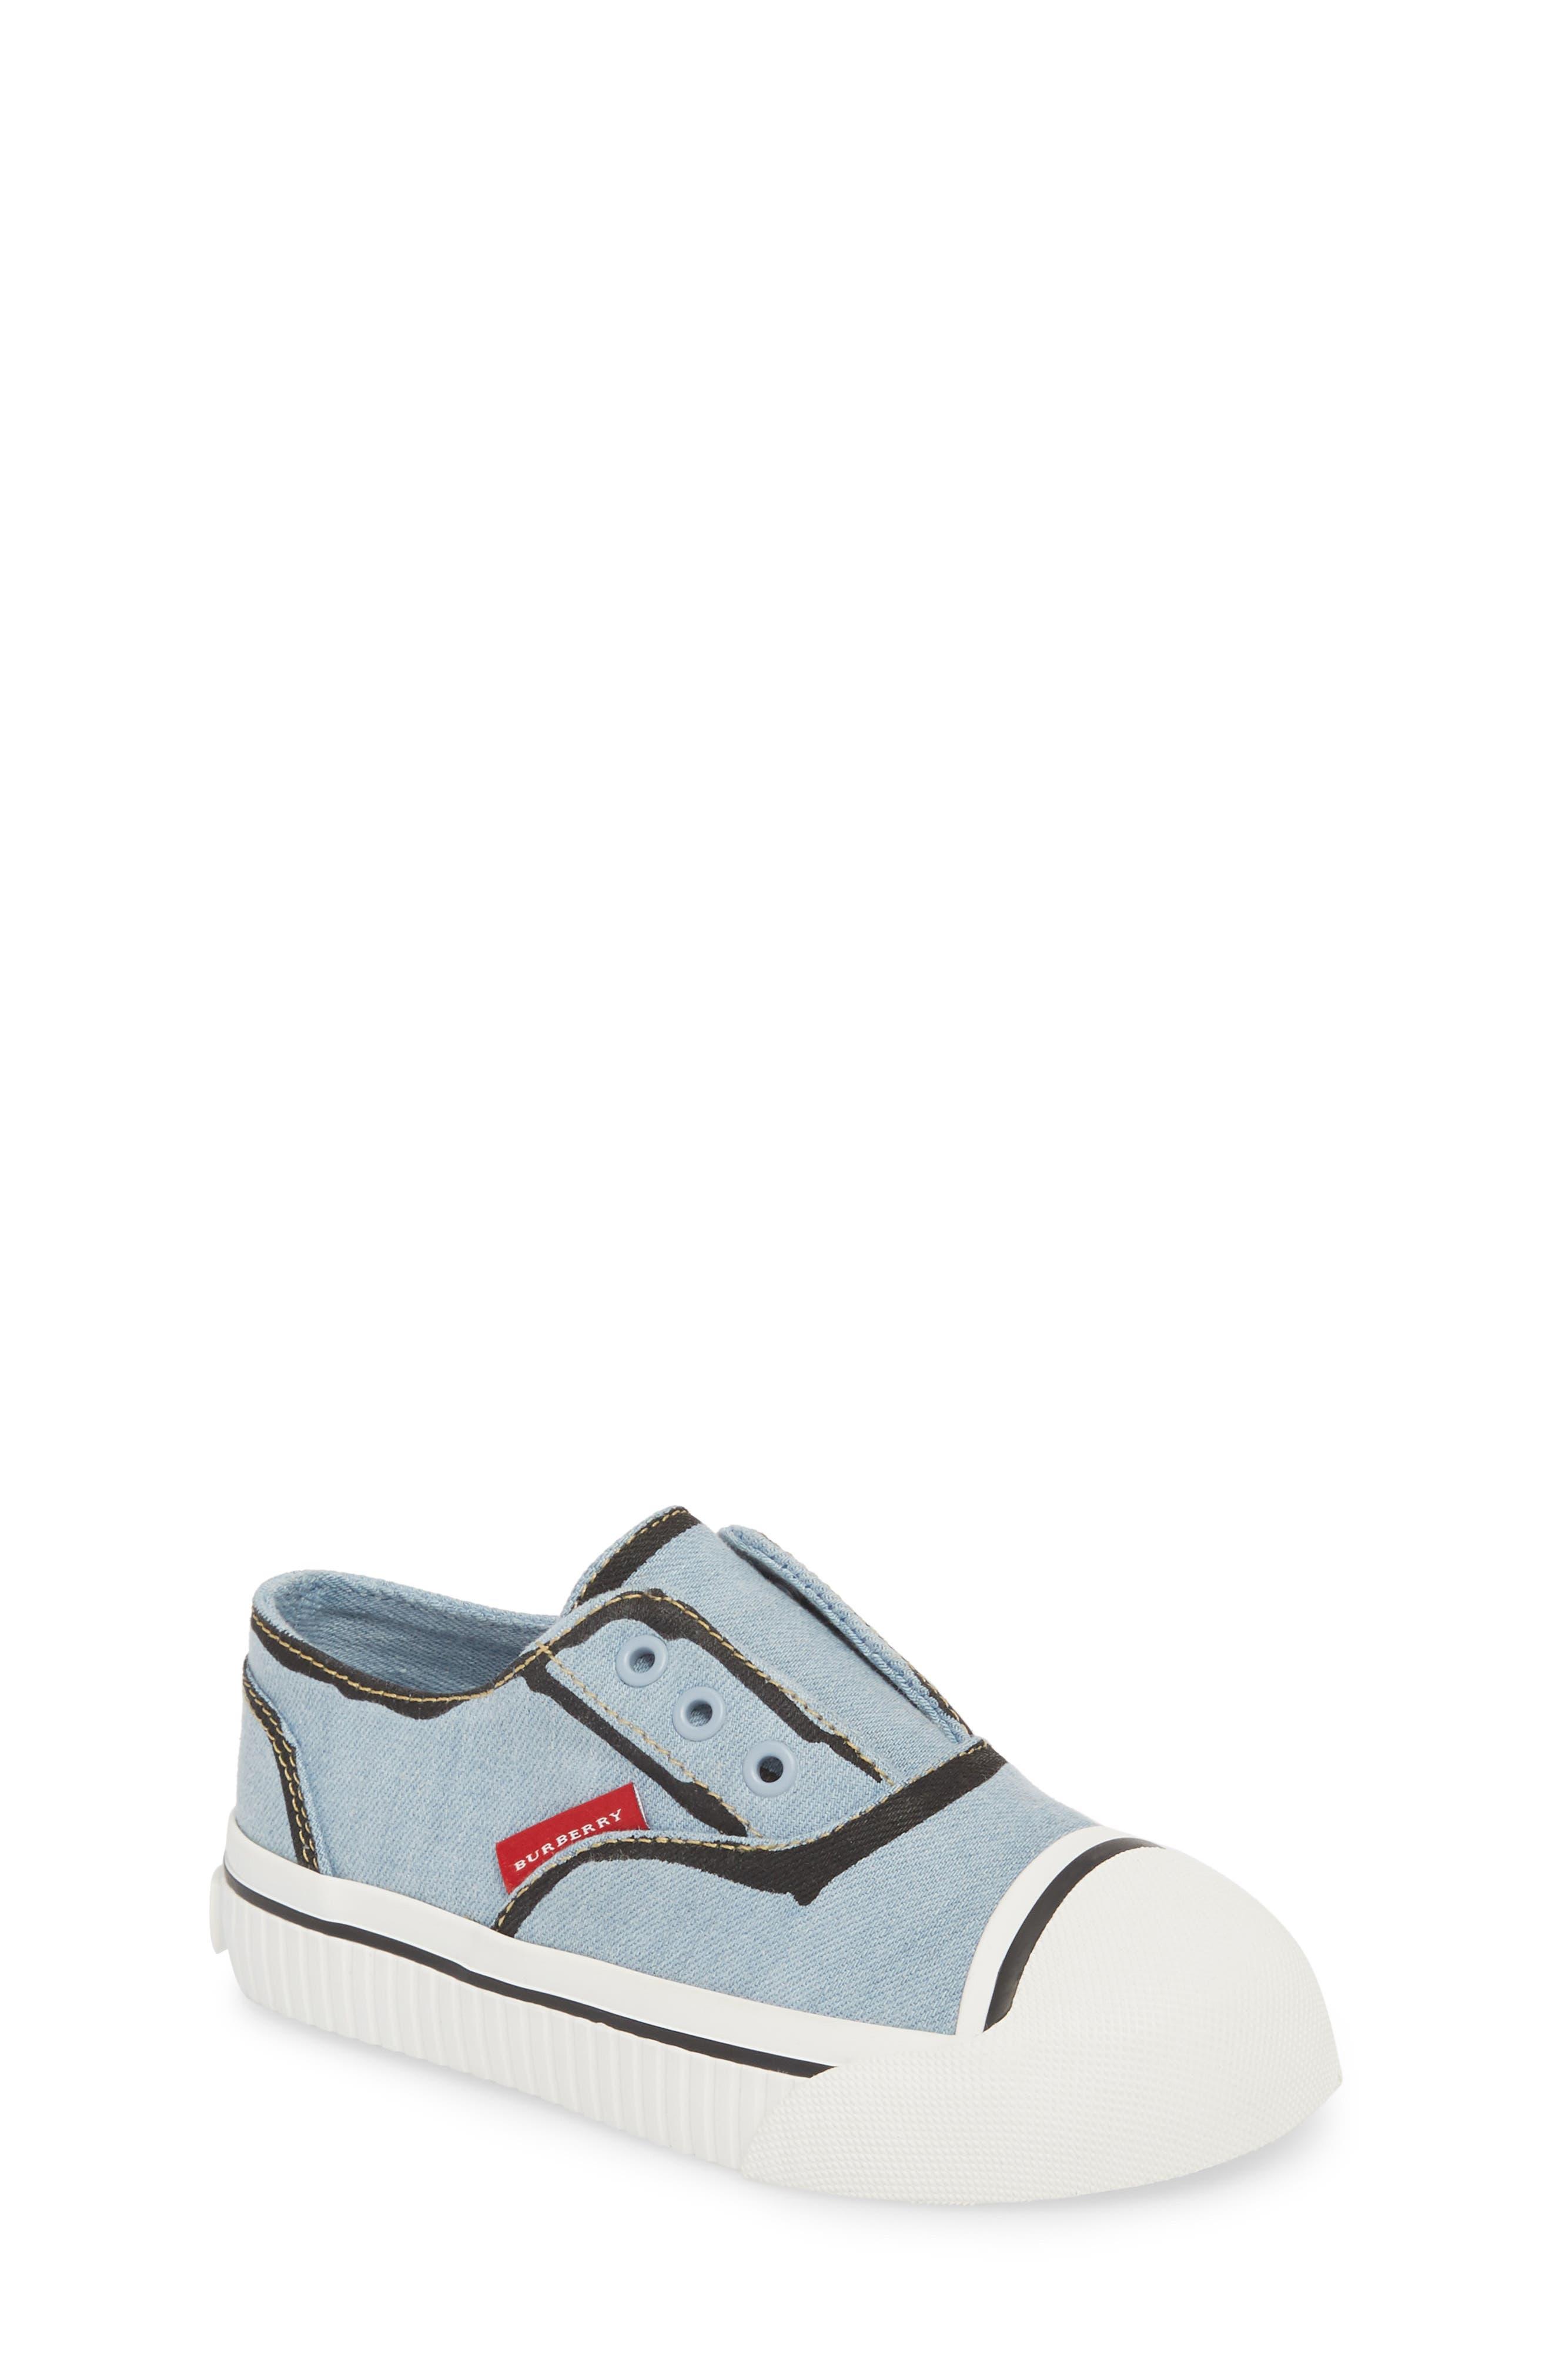 Main Image - Burberry Lipton Slip-On Sneaker (Walker & Toddler)